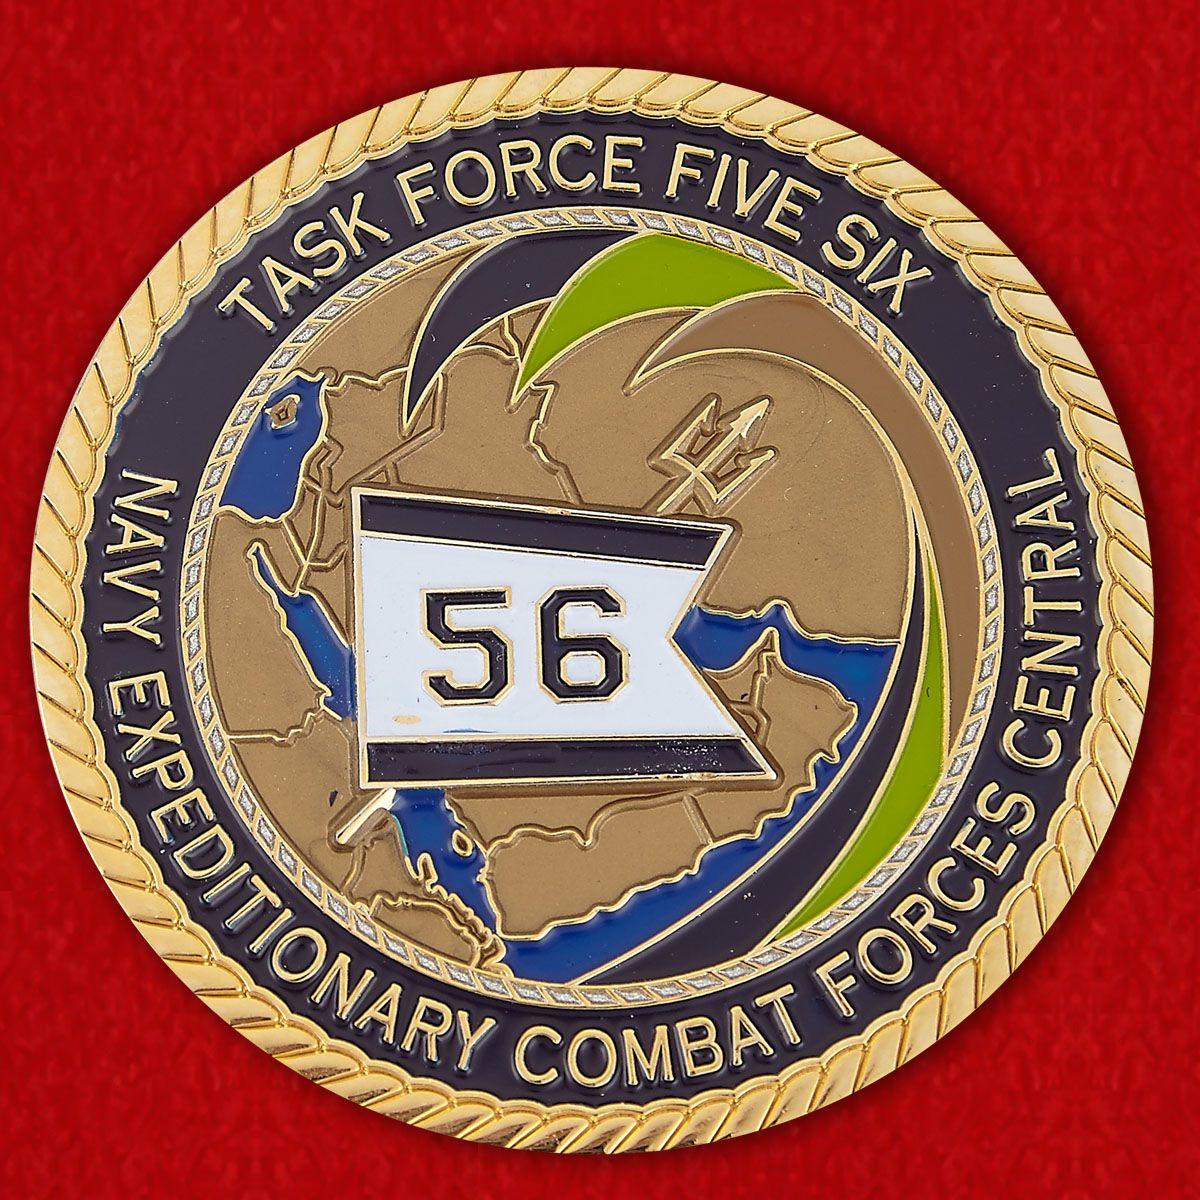 Челлендж коин 56-й Оперативной группы Экспедиционных сил ВМС США